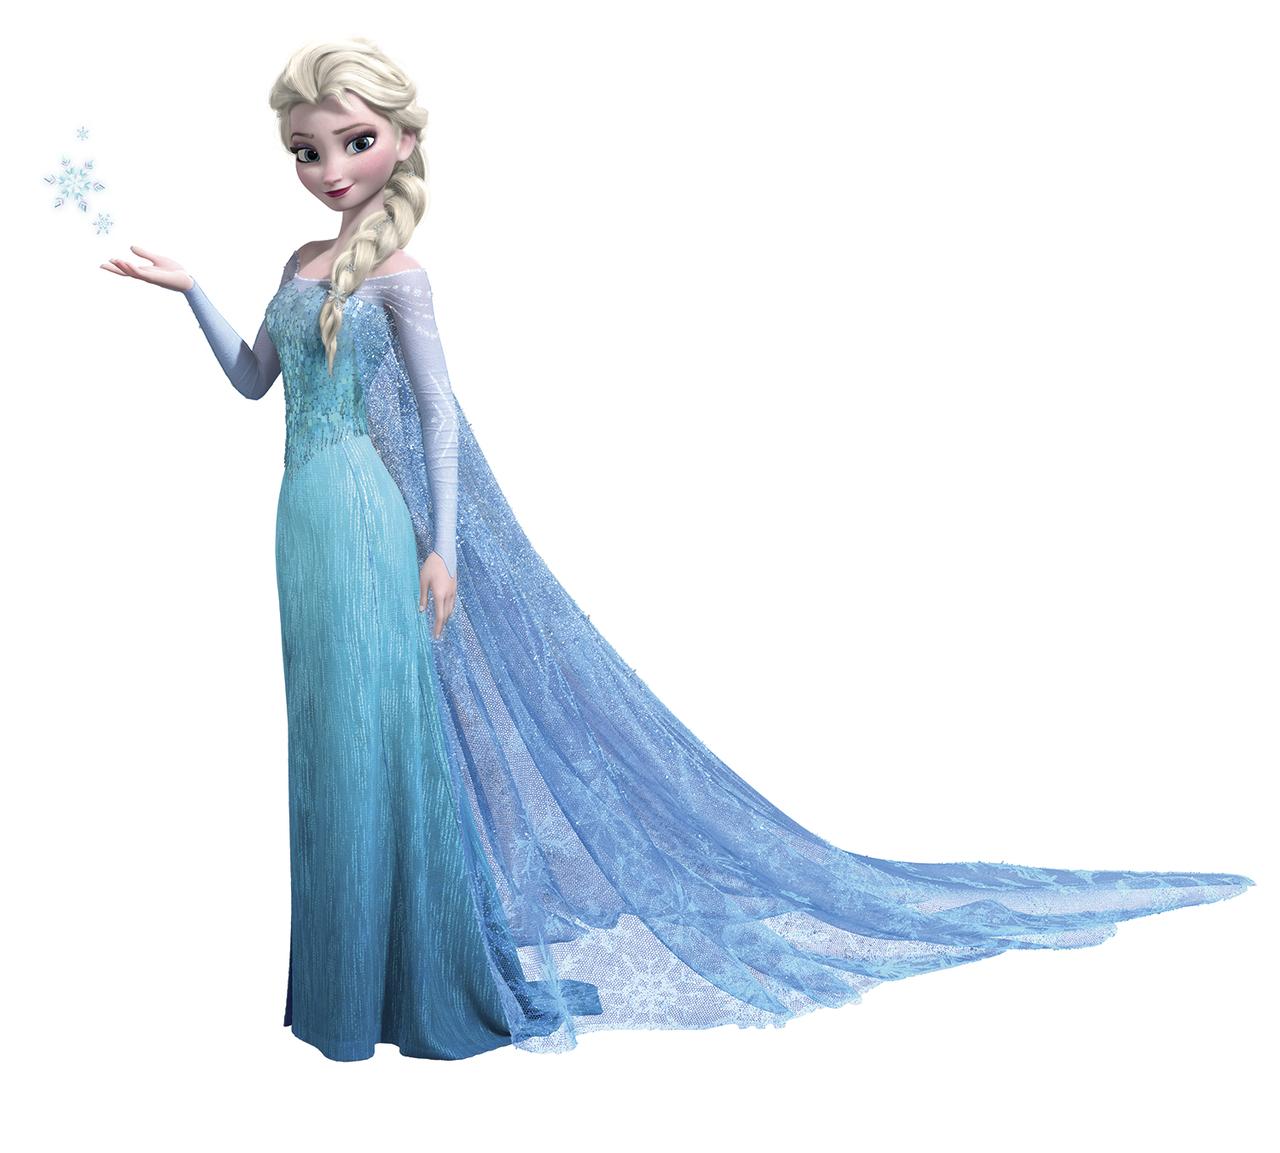 snow queen elsa frozen - photo #21